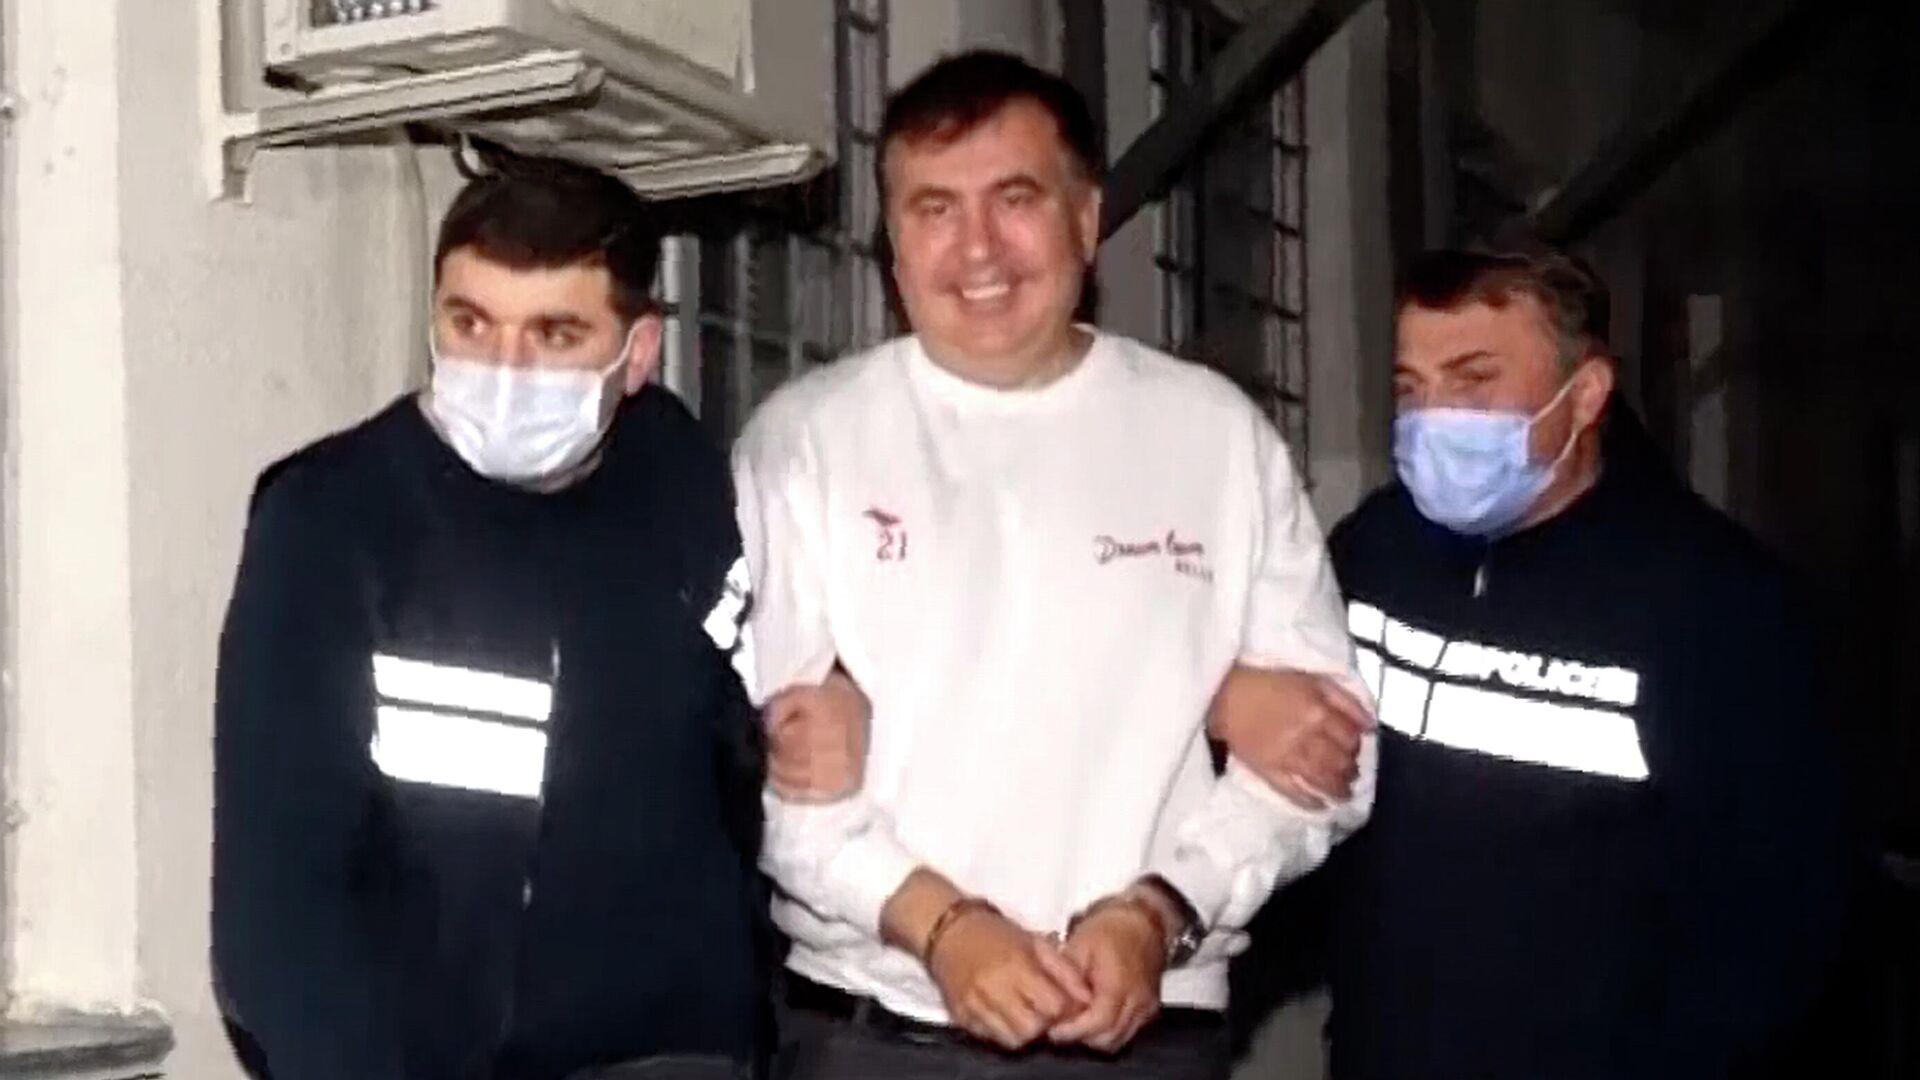 Бывший президент Грузии Михаил Саакашвили после задержания в городе Рустави - РИА Новости, 1920, 03.10.2021